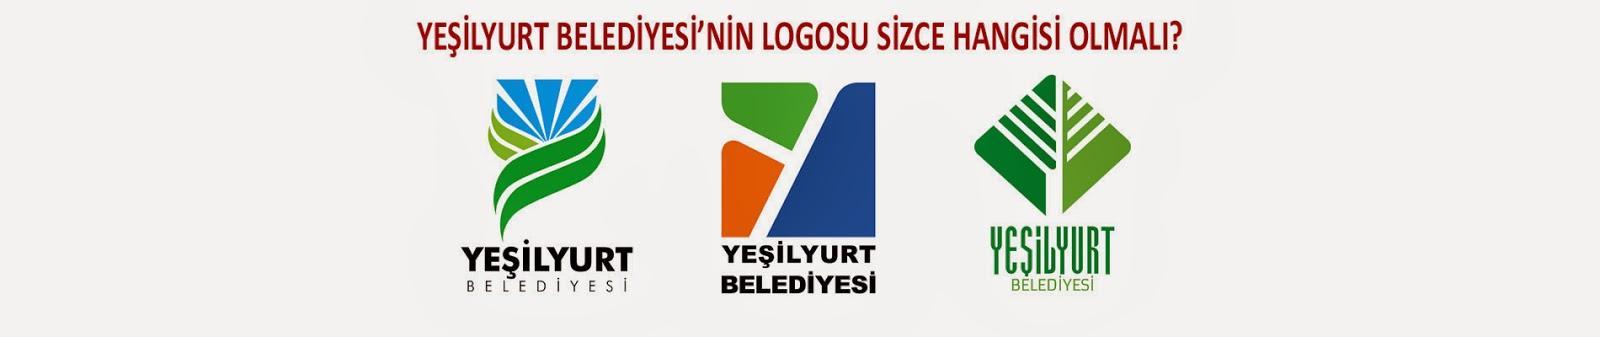 Yeşilyurt Belediyesi Logosunu Seçti :)